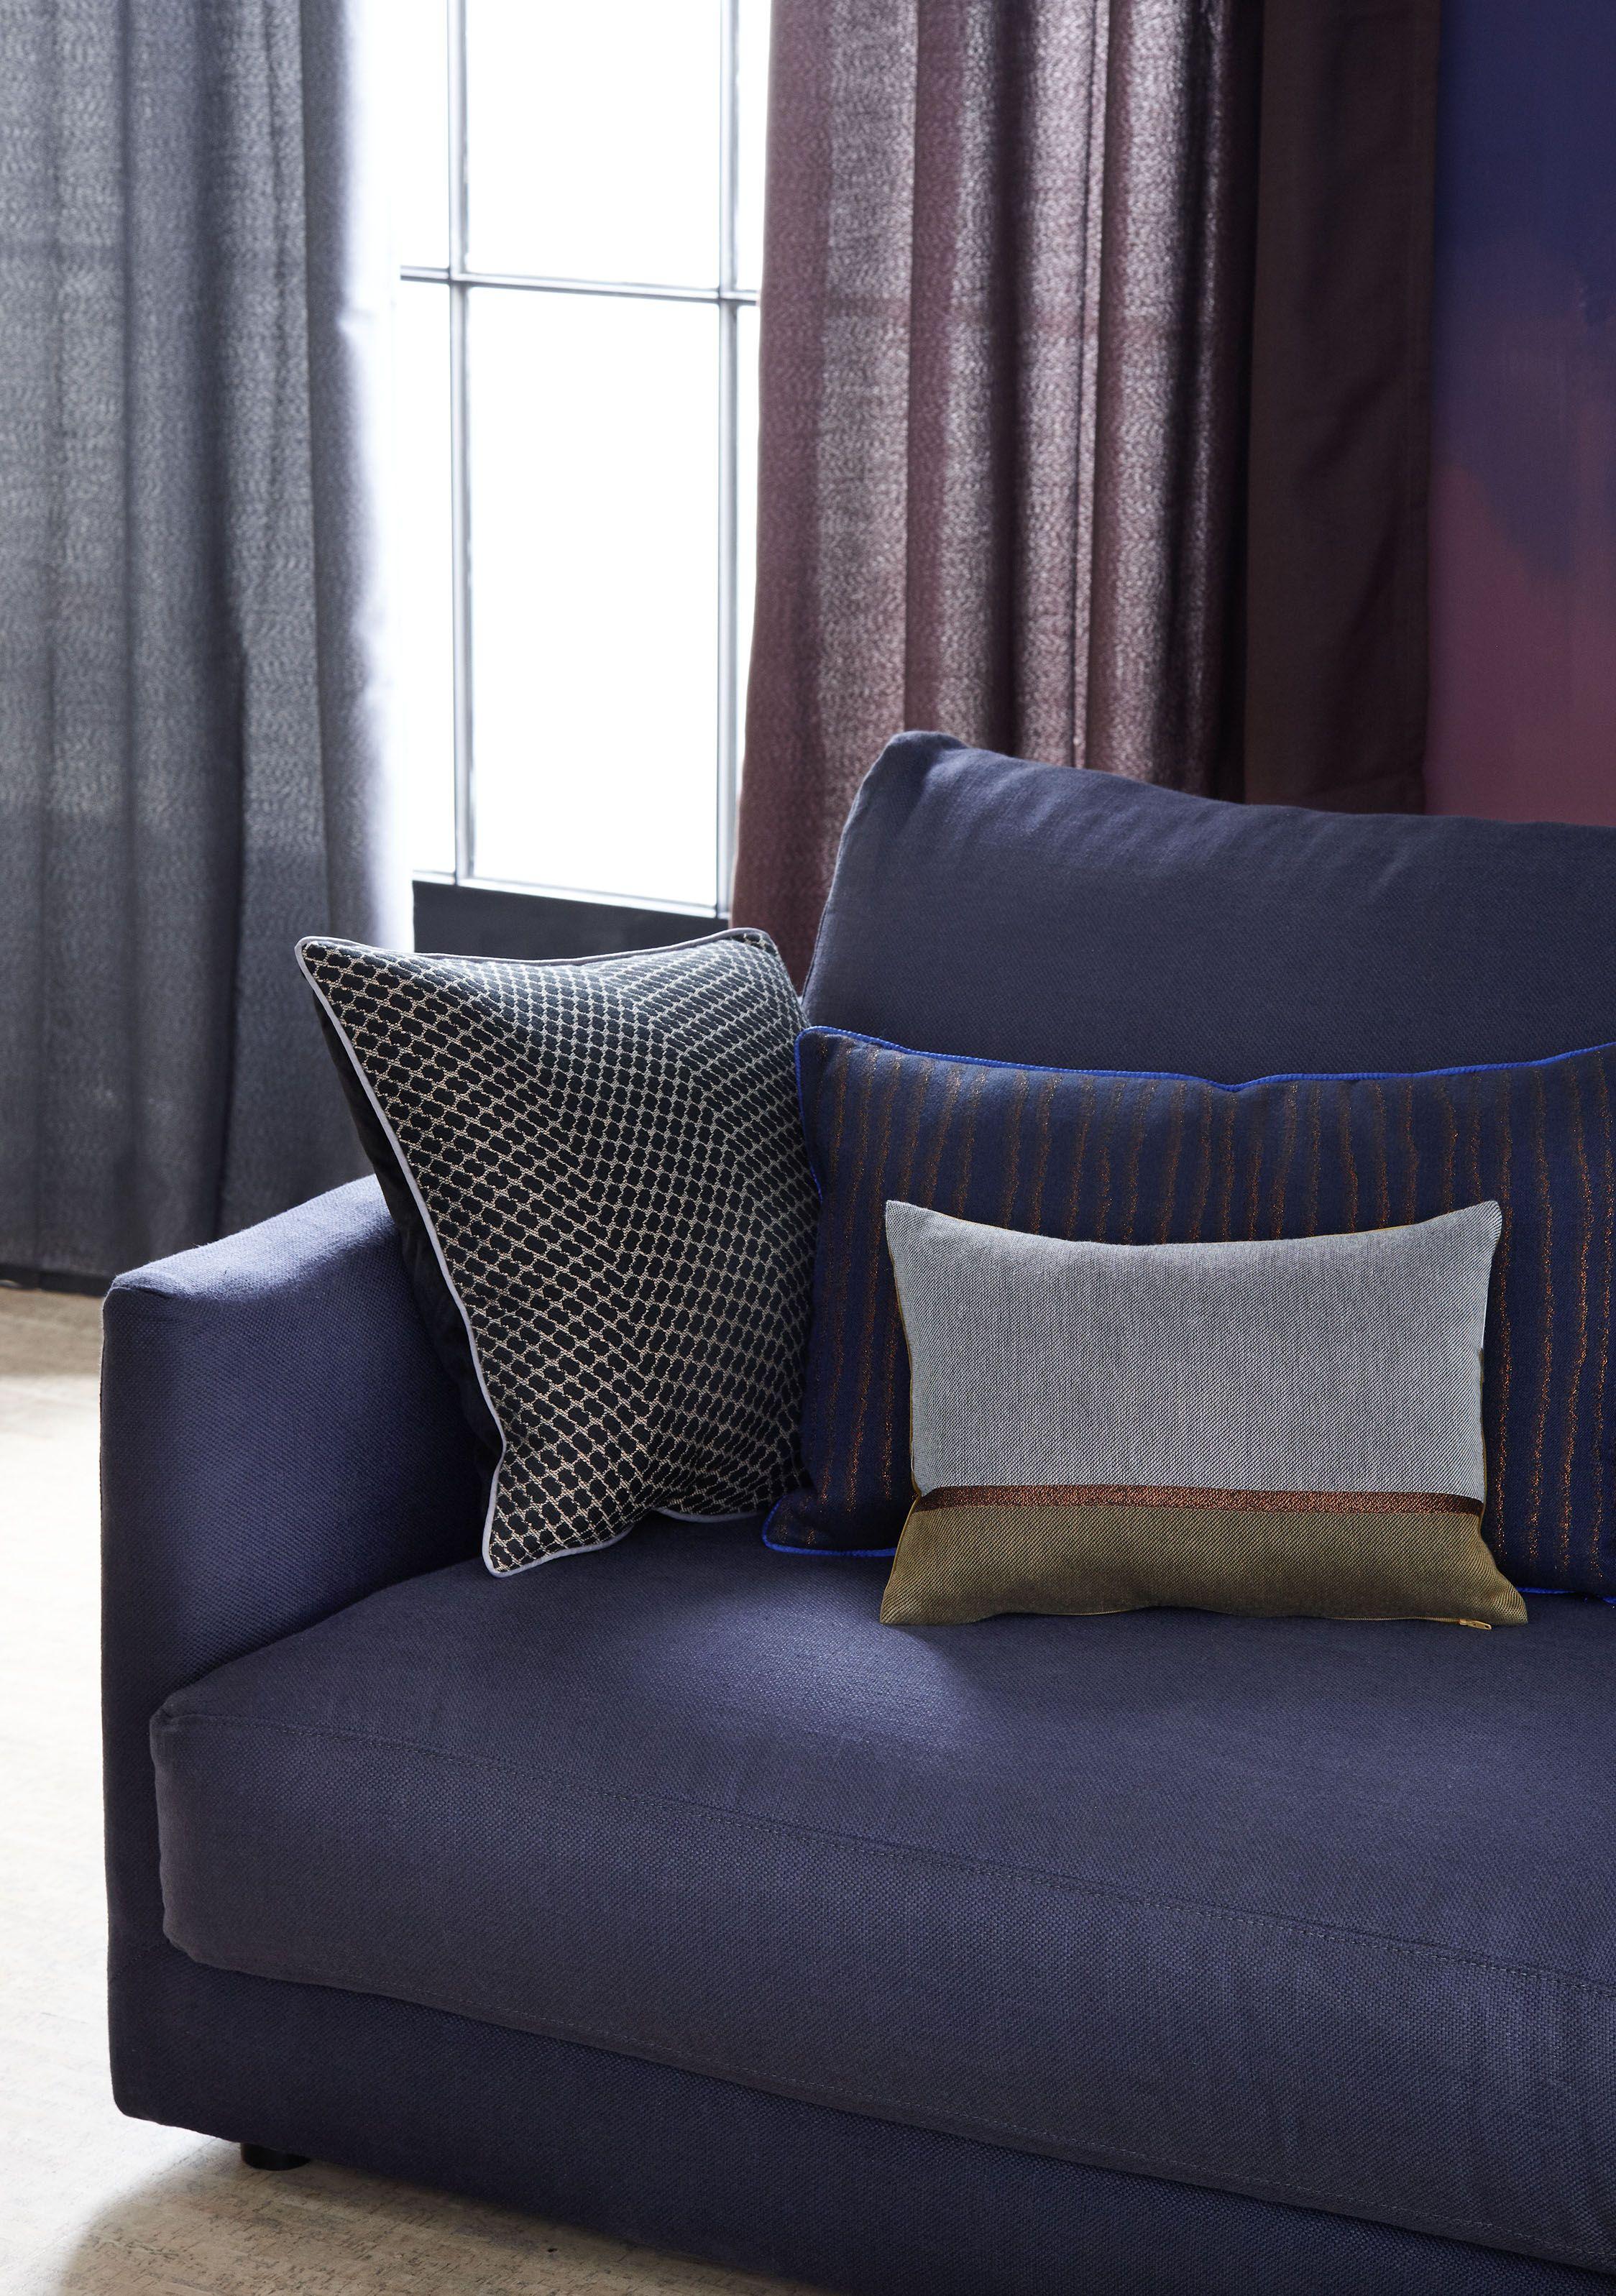 Schoner Wohnen Kollektion Sofa Kissen Ideen In 2020 Wohnen Schoner Wohnen Zuhause